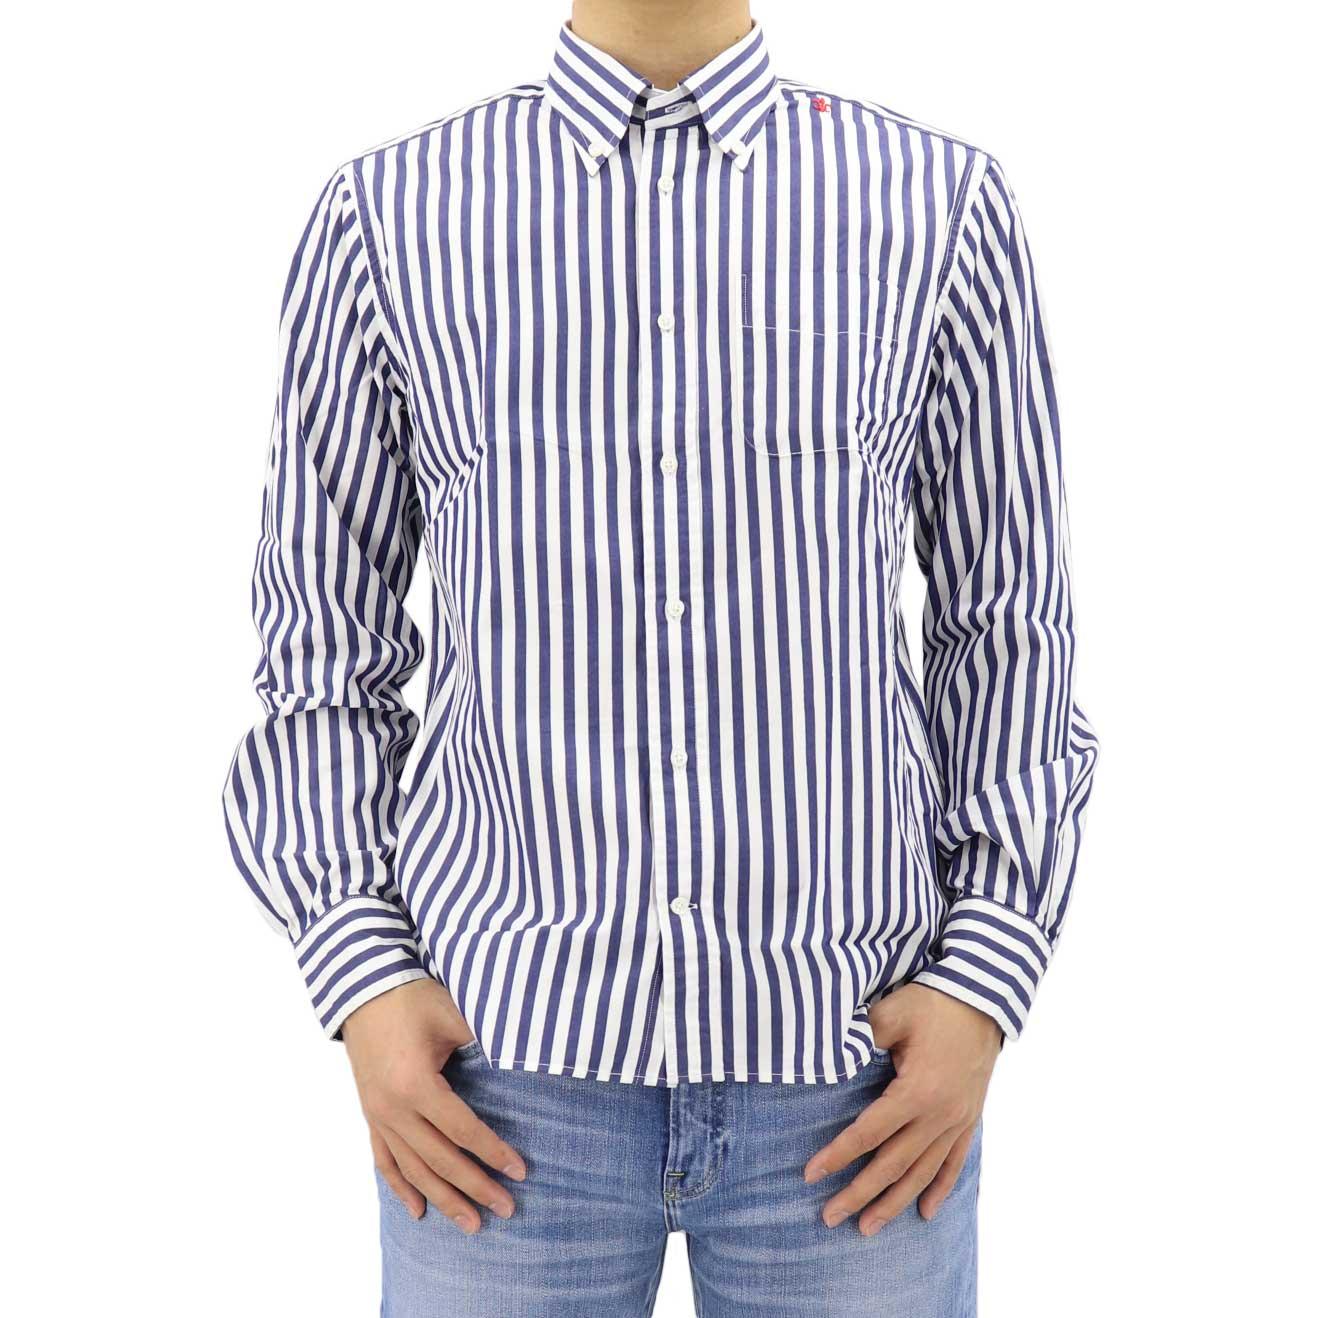 ブロード ロンドンストライプ ボタンダウンシャツ NAVY (ネイビー)